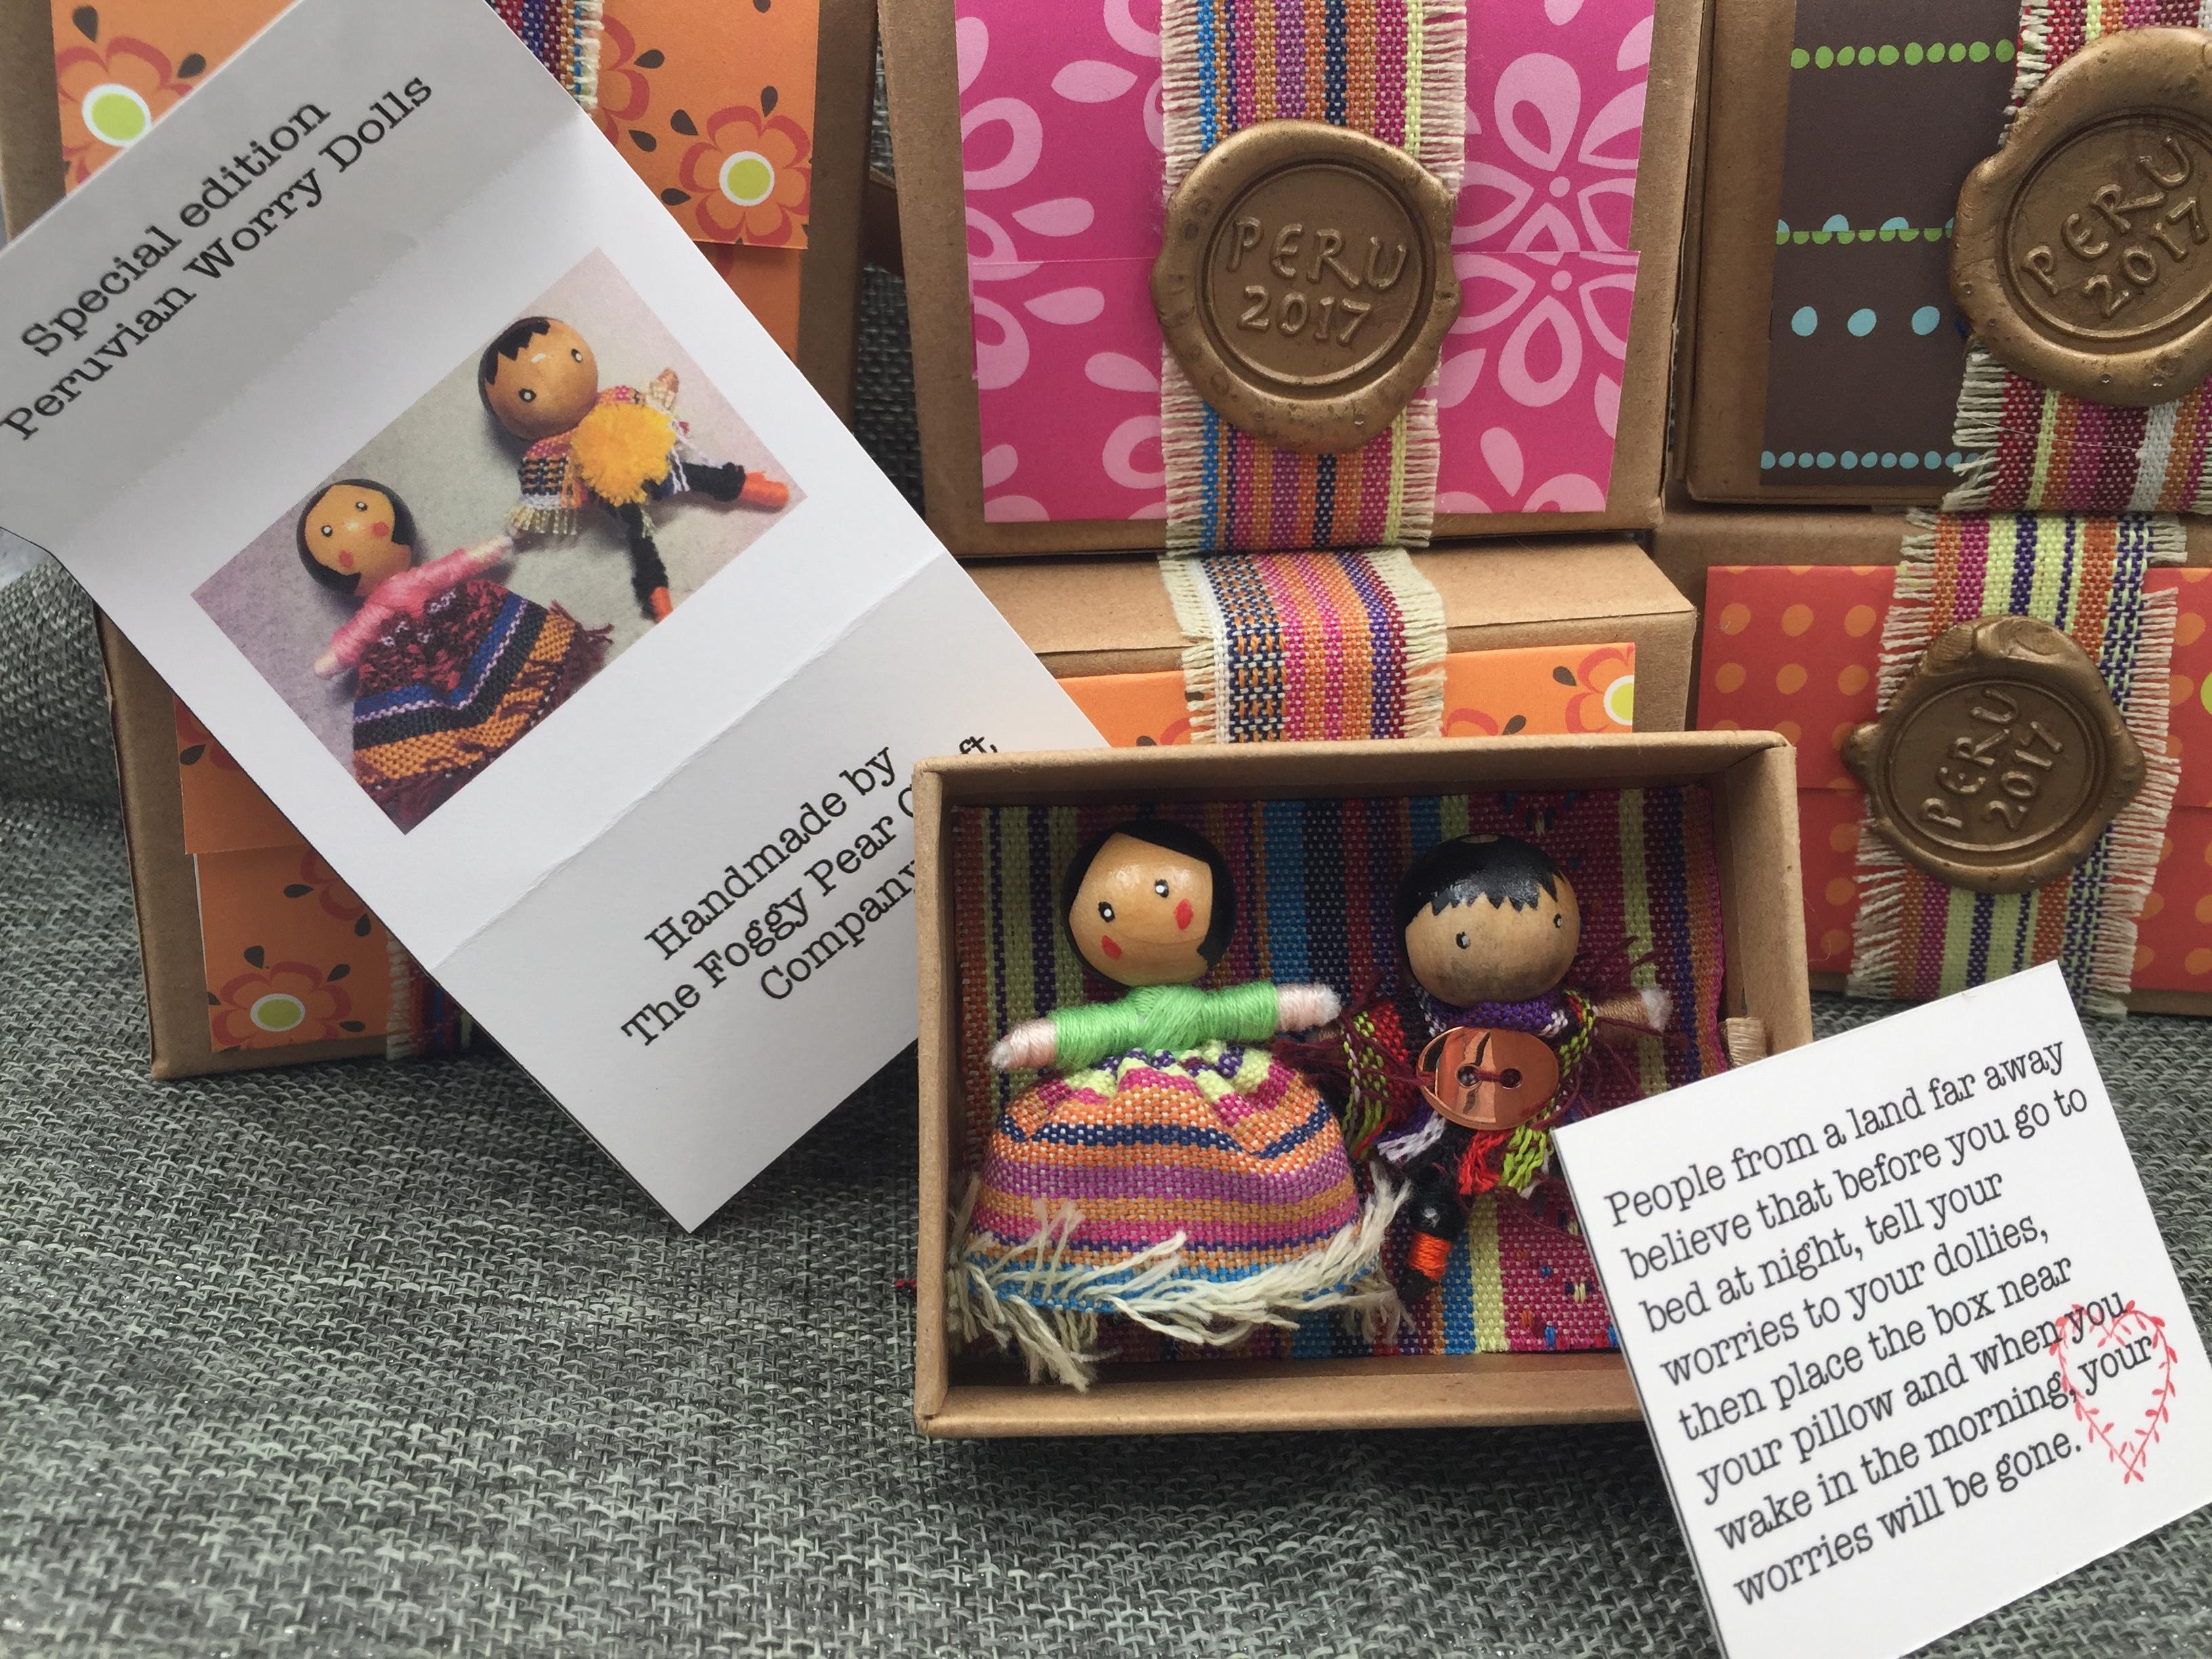 Handmade Peruvian worry dolls